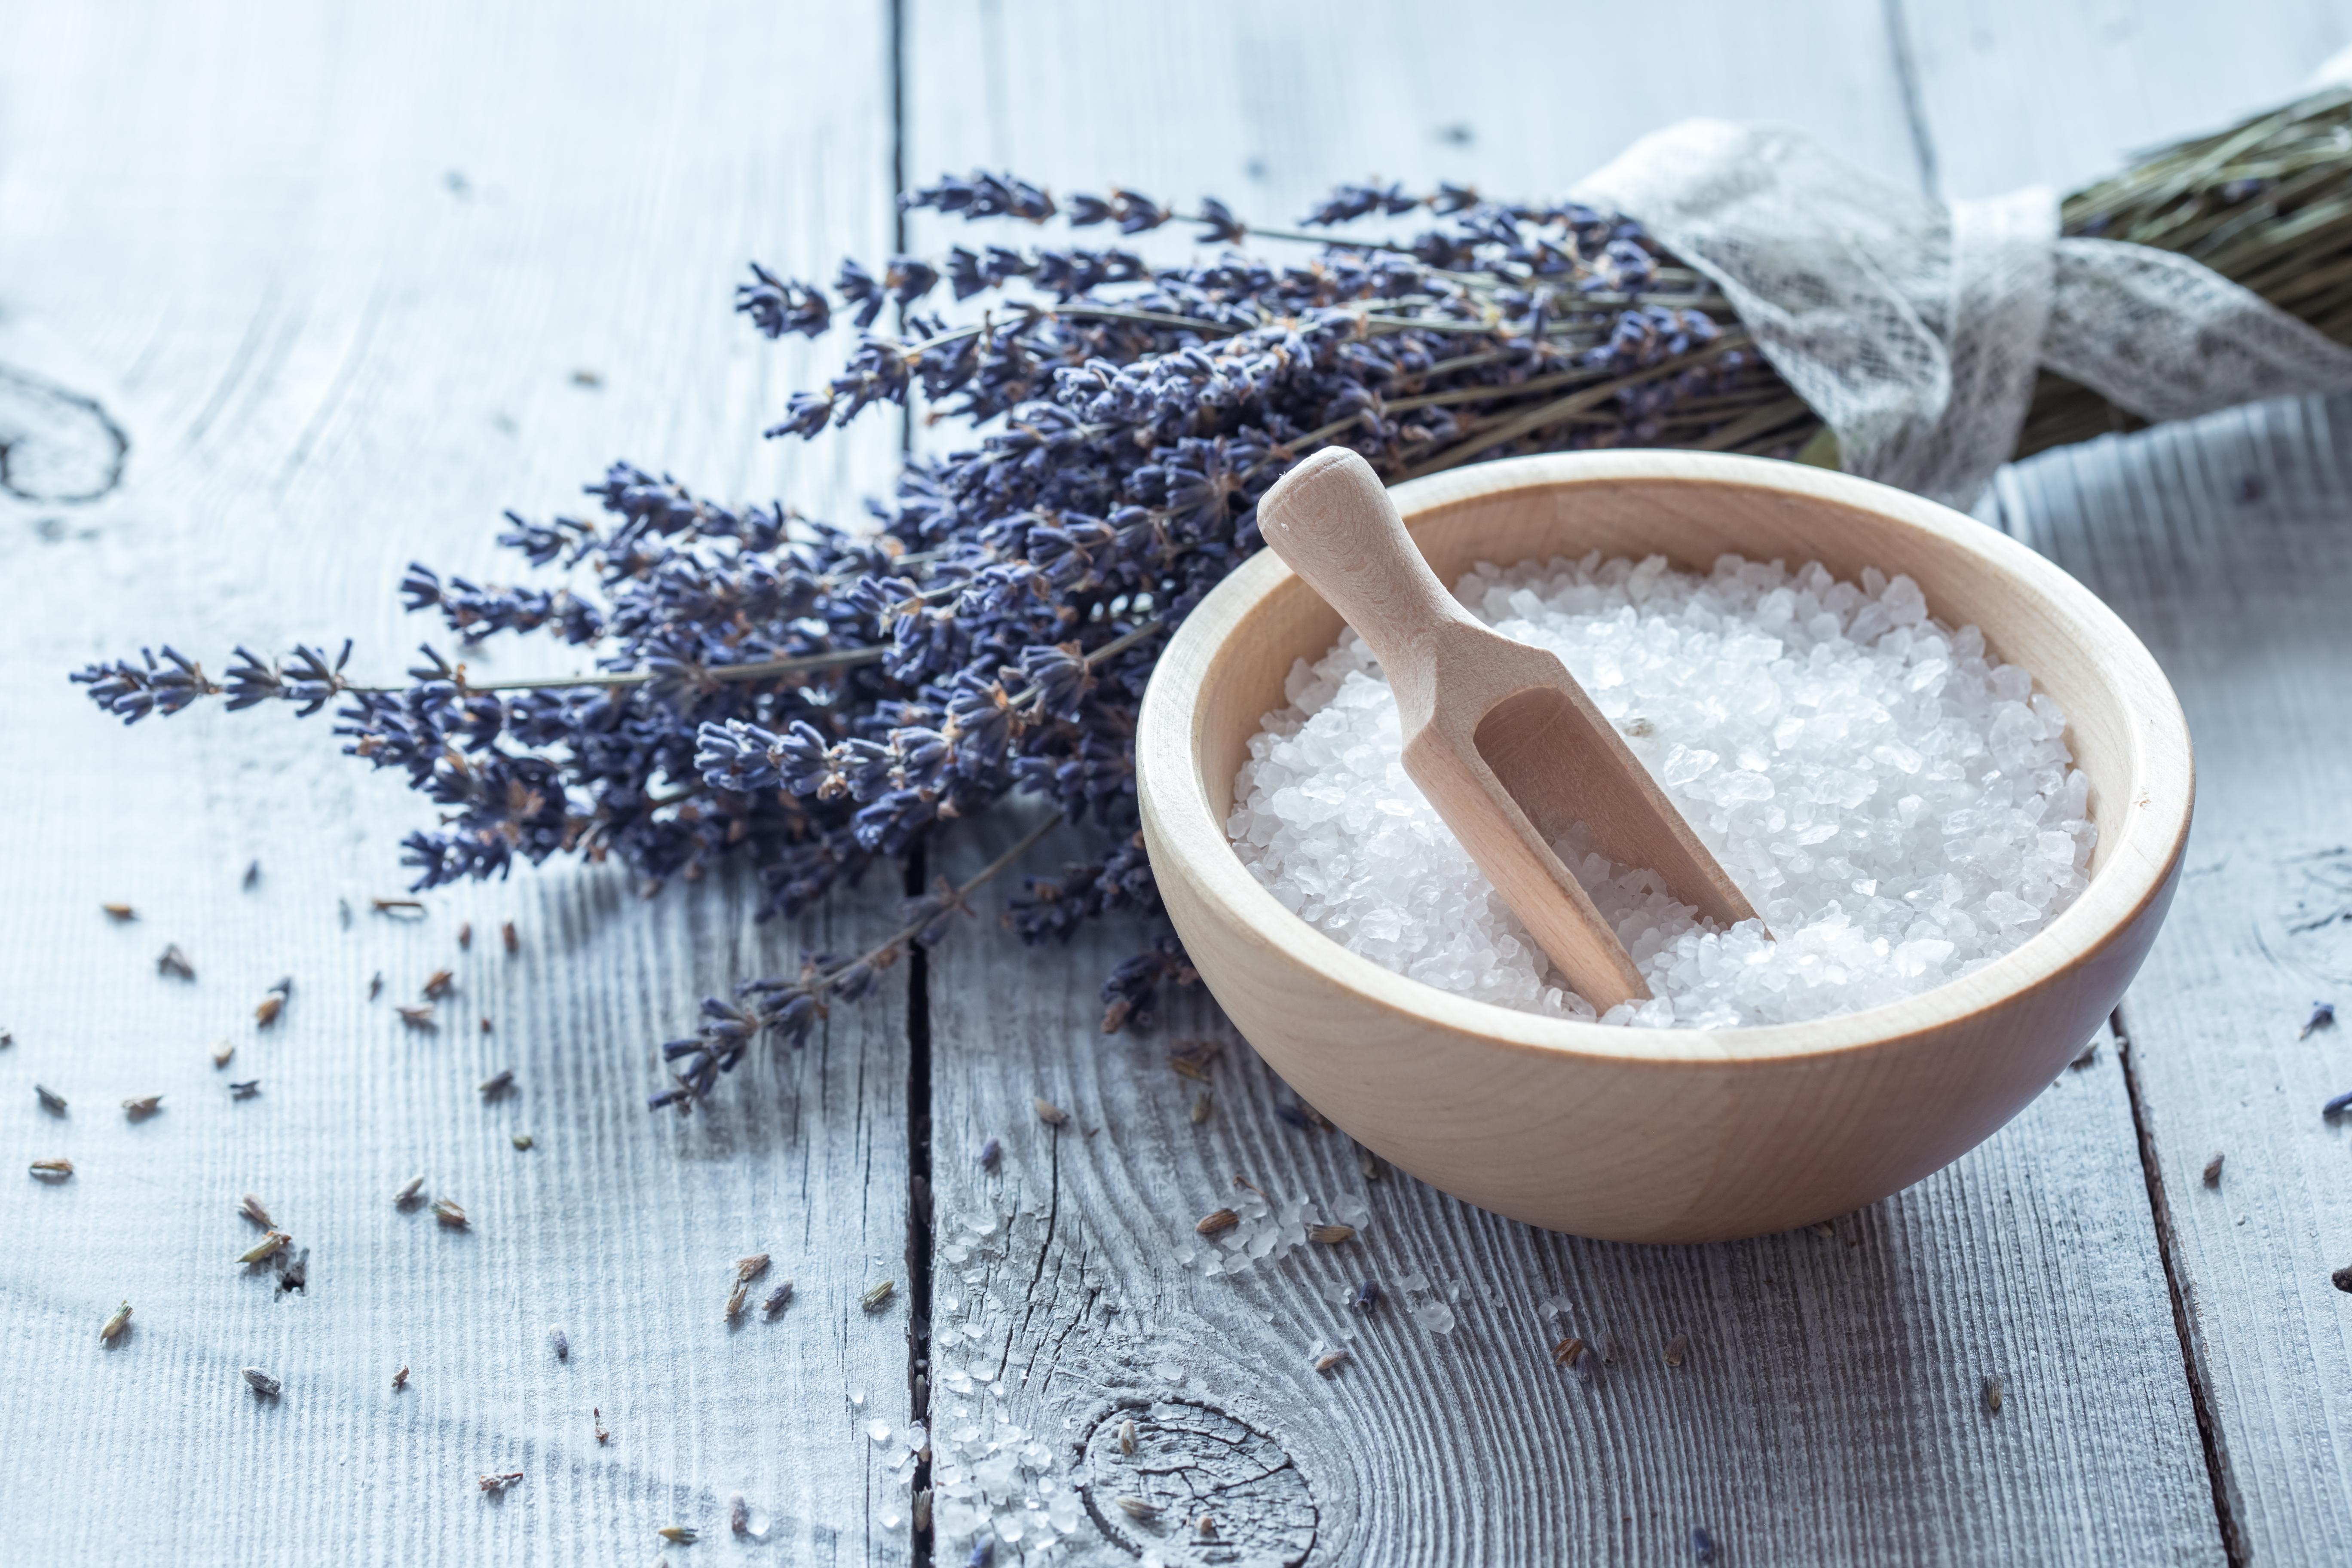 Jenza Aromatherapy products